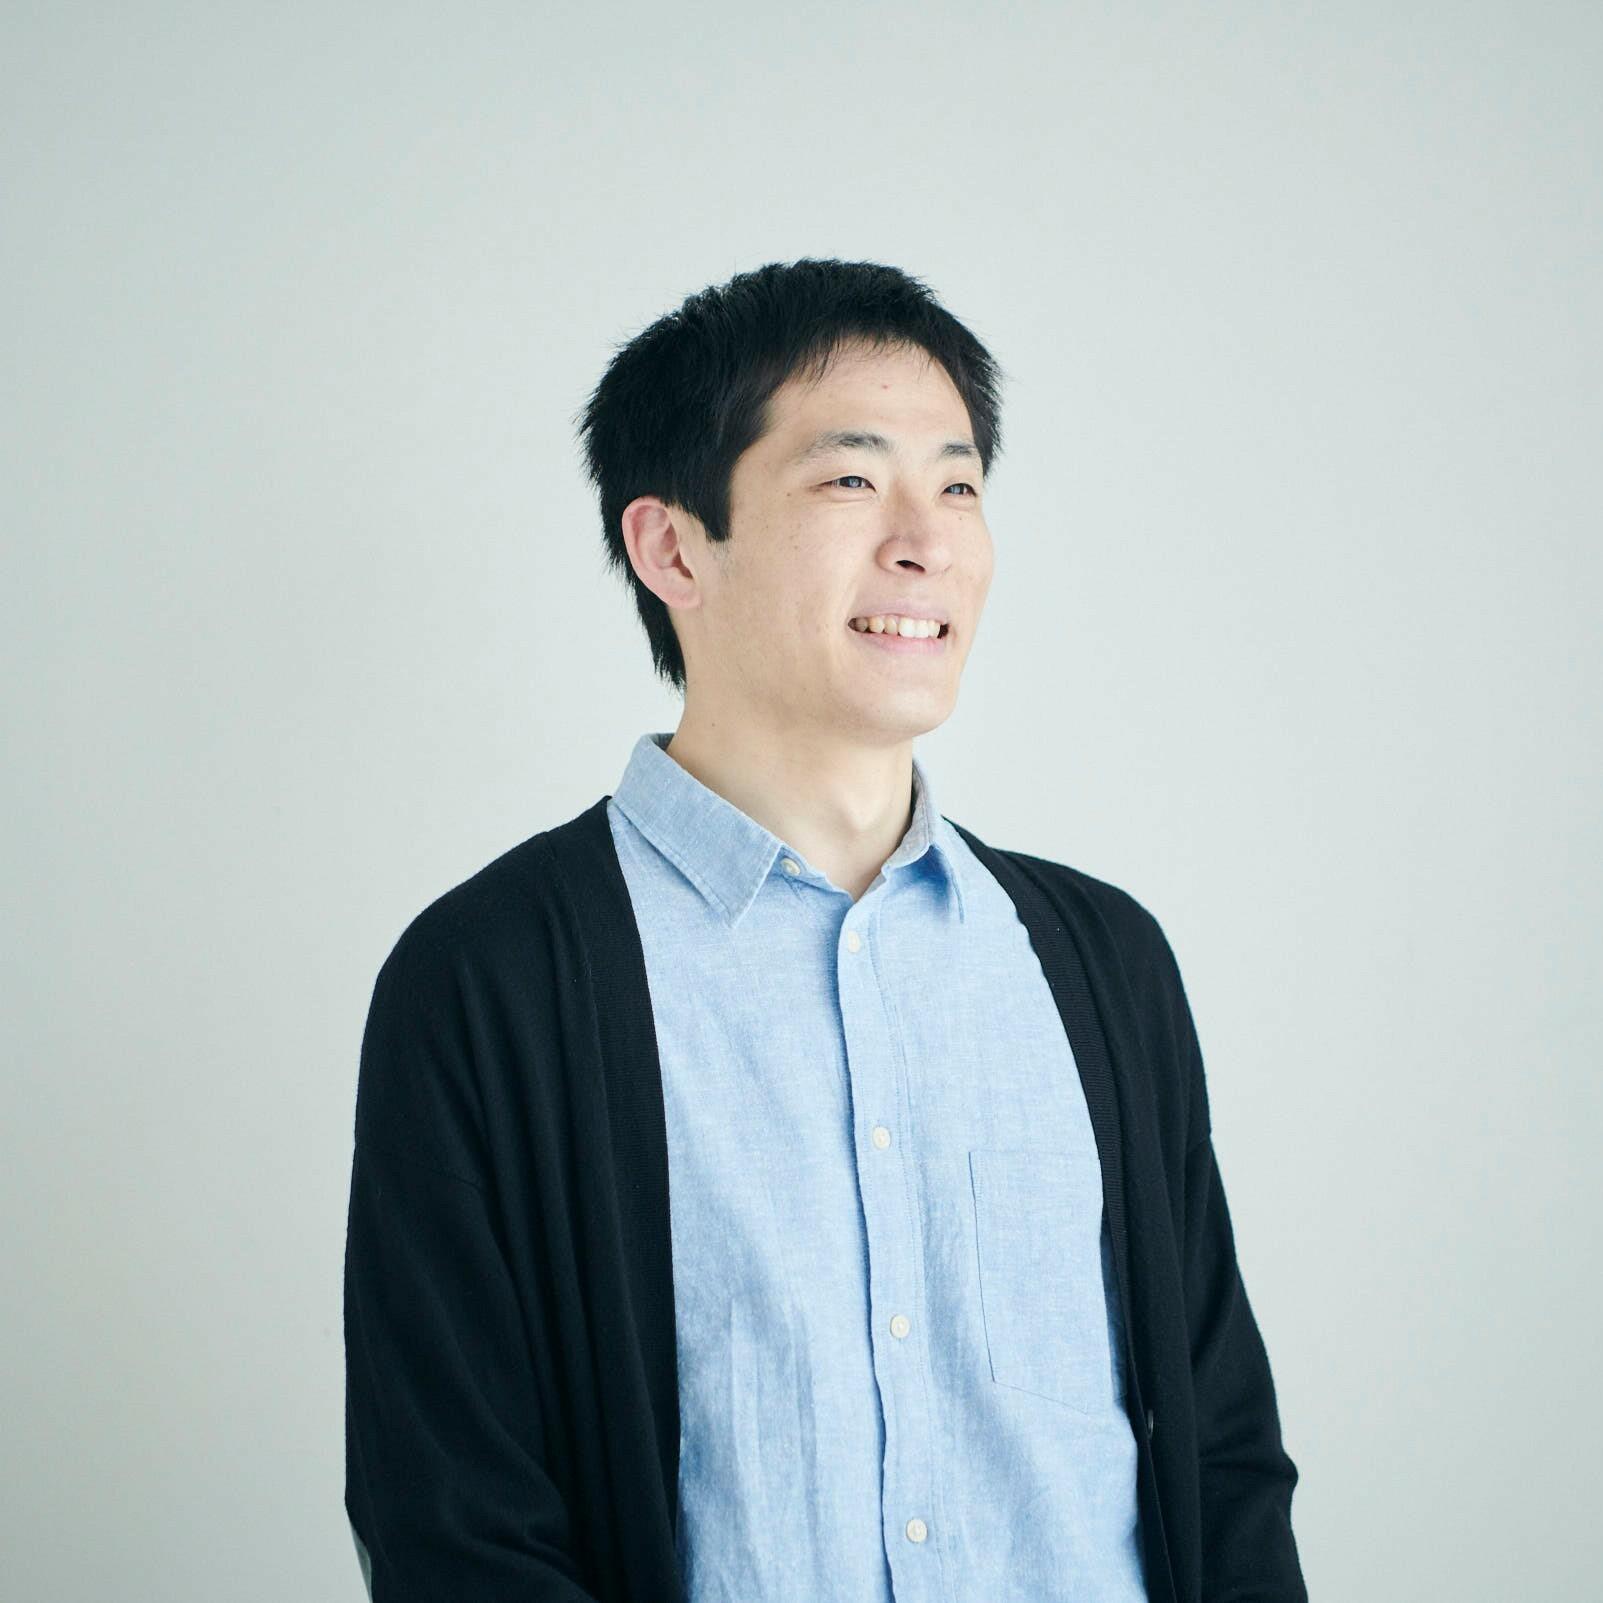 Photo of Yuki Hanyu